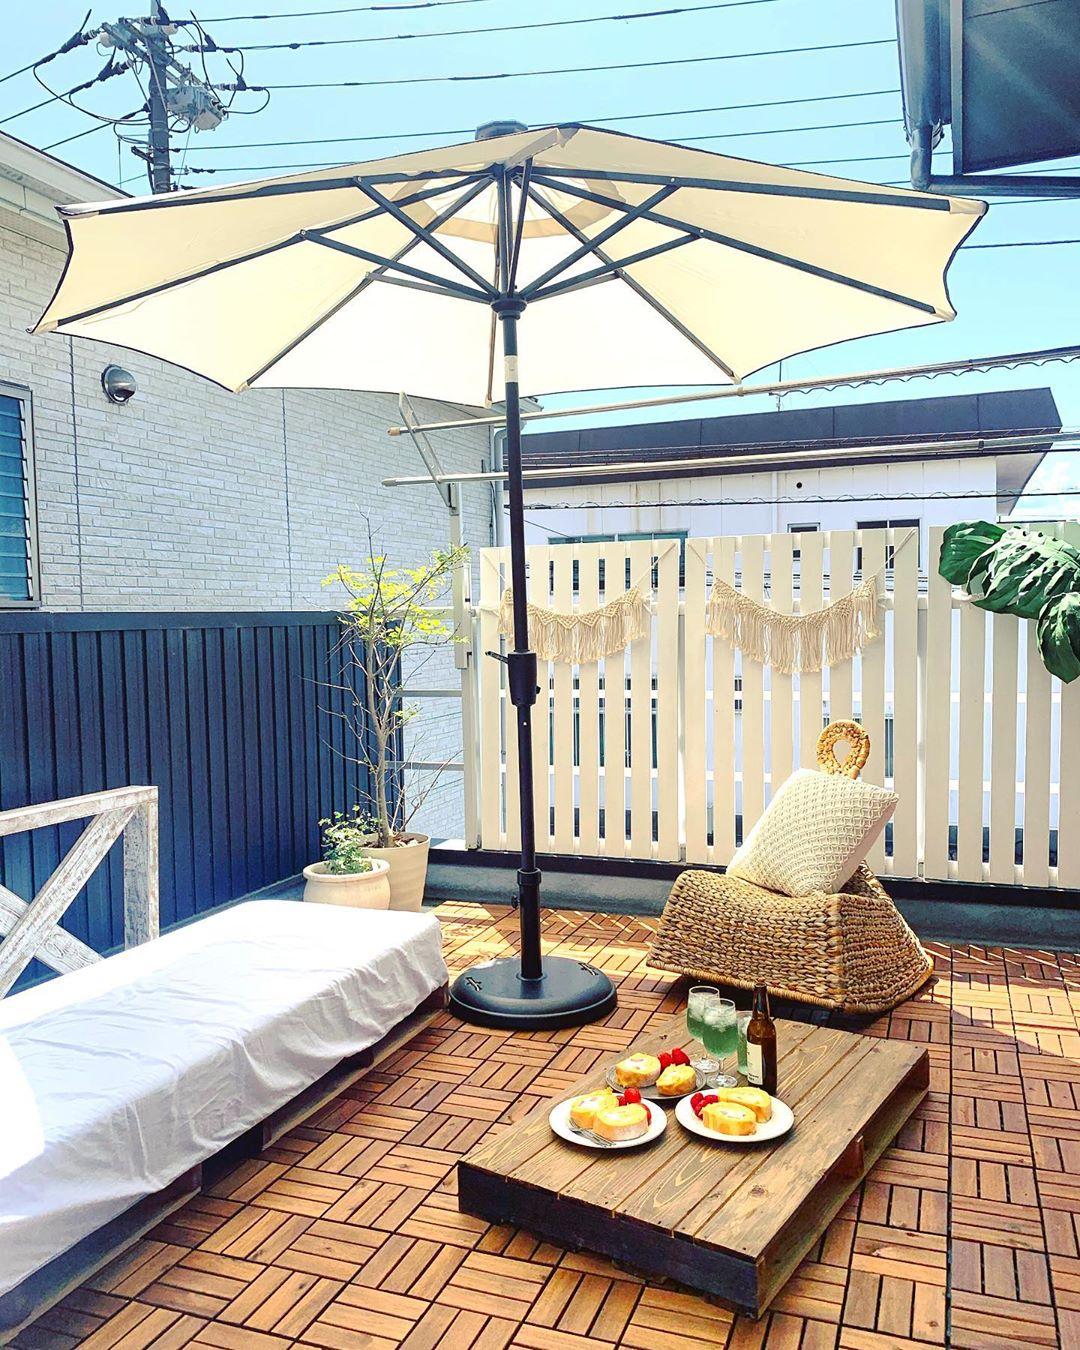 ガーデンテーブルを設置したおしゃれなインテリア